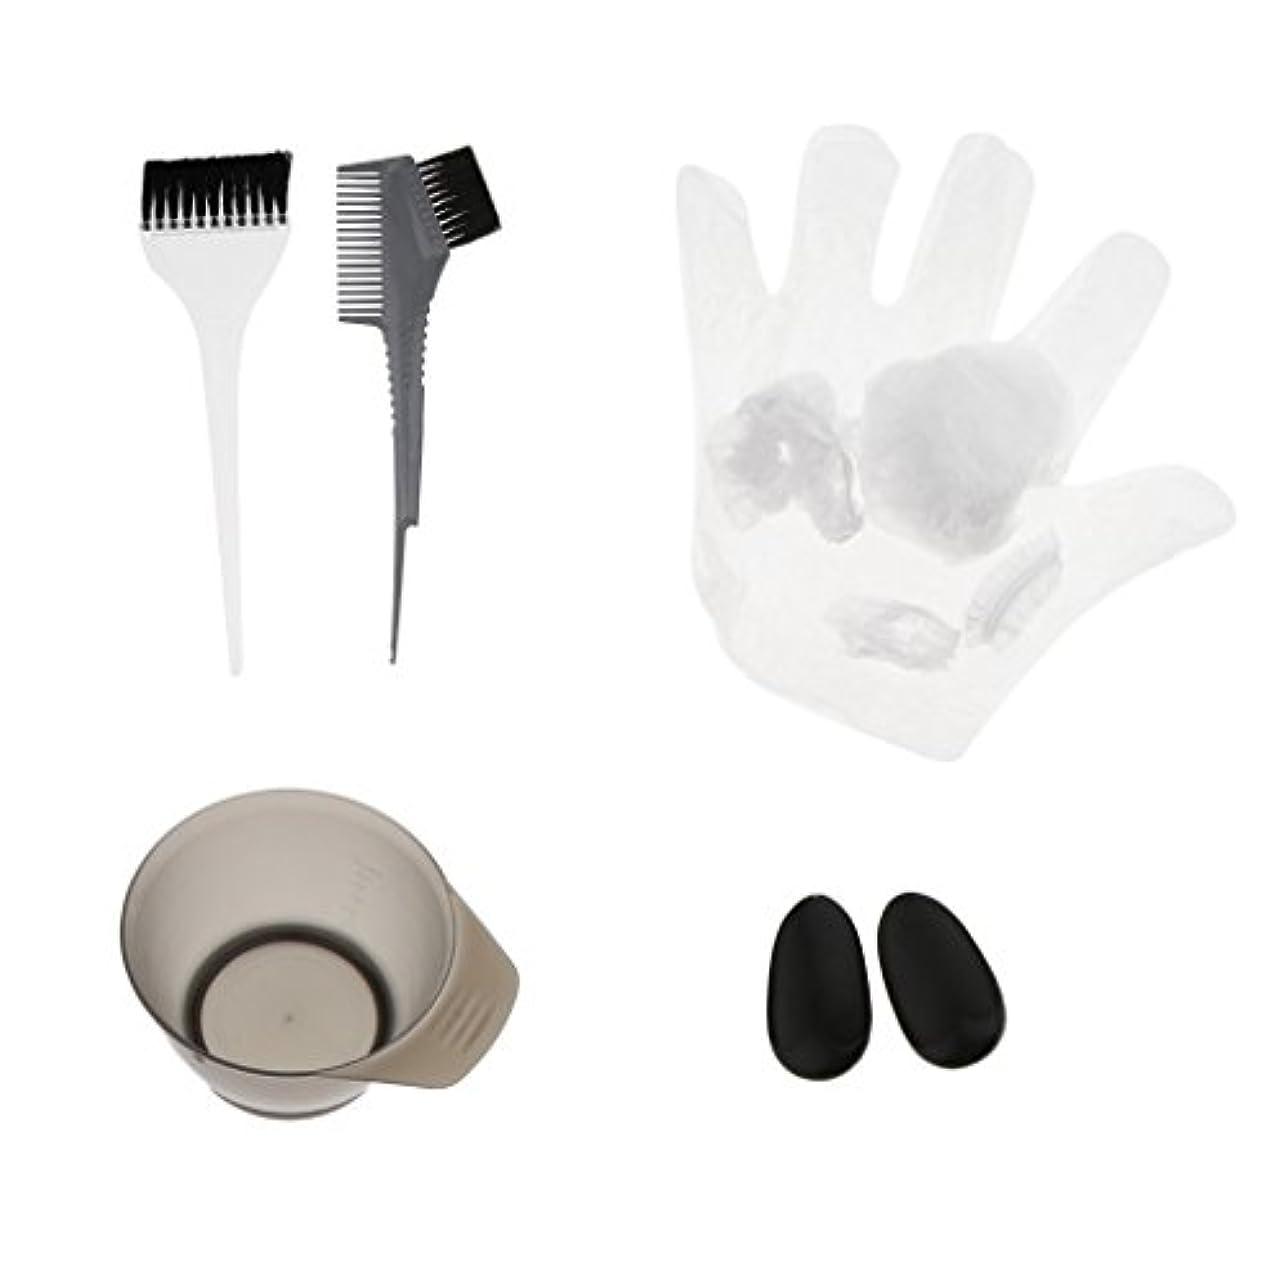 ヘアカラーセット ティントキャップ ケープ ボウル ブラシ 櫛 耳カバー グローブ ヘアサロン 美容師